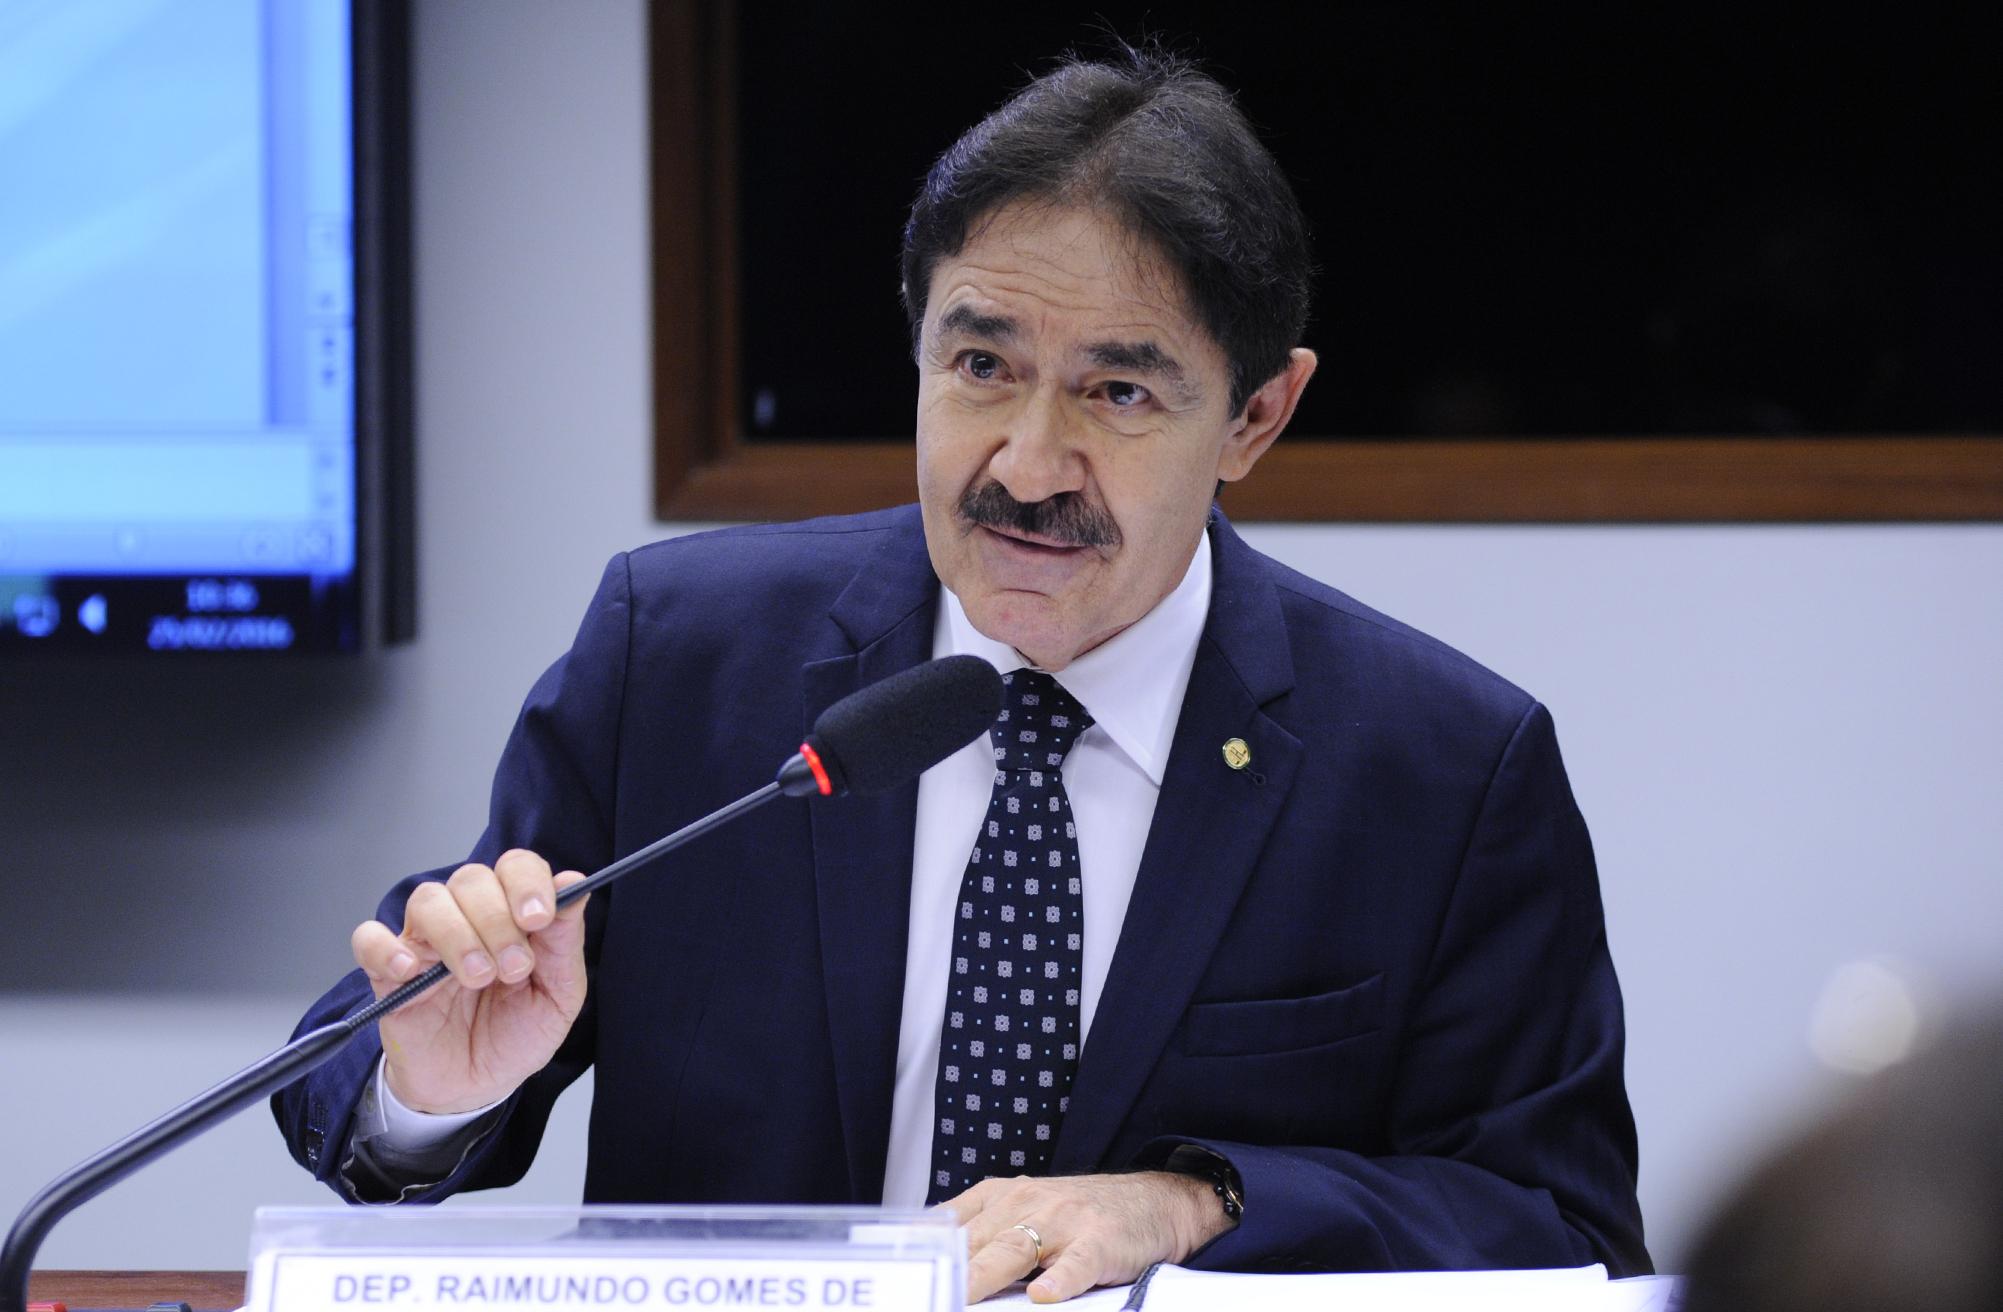 Resultado de imagem para deputado federal Raimundo Gomes de Matos (PSDB-CE)